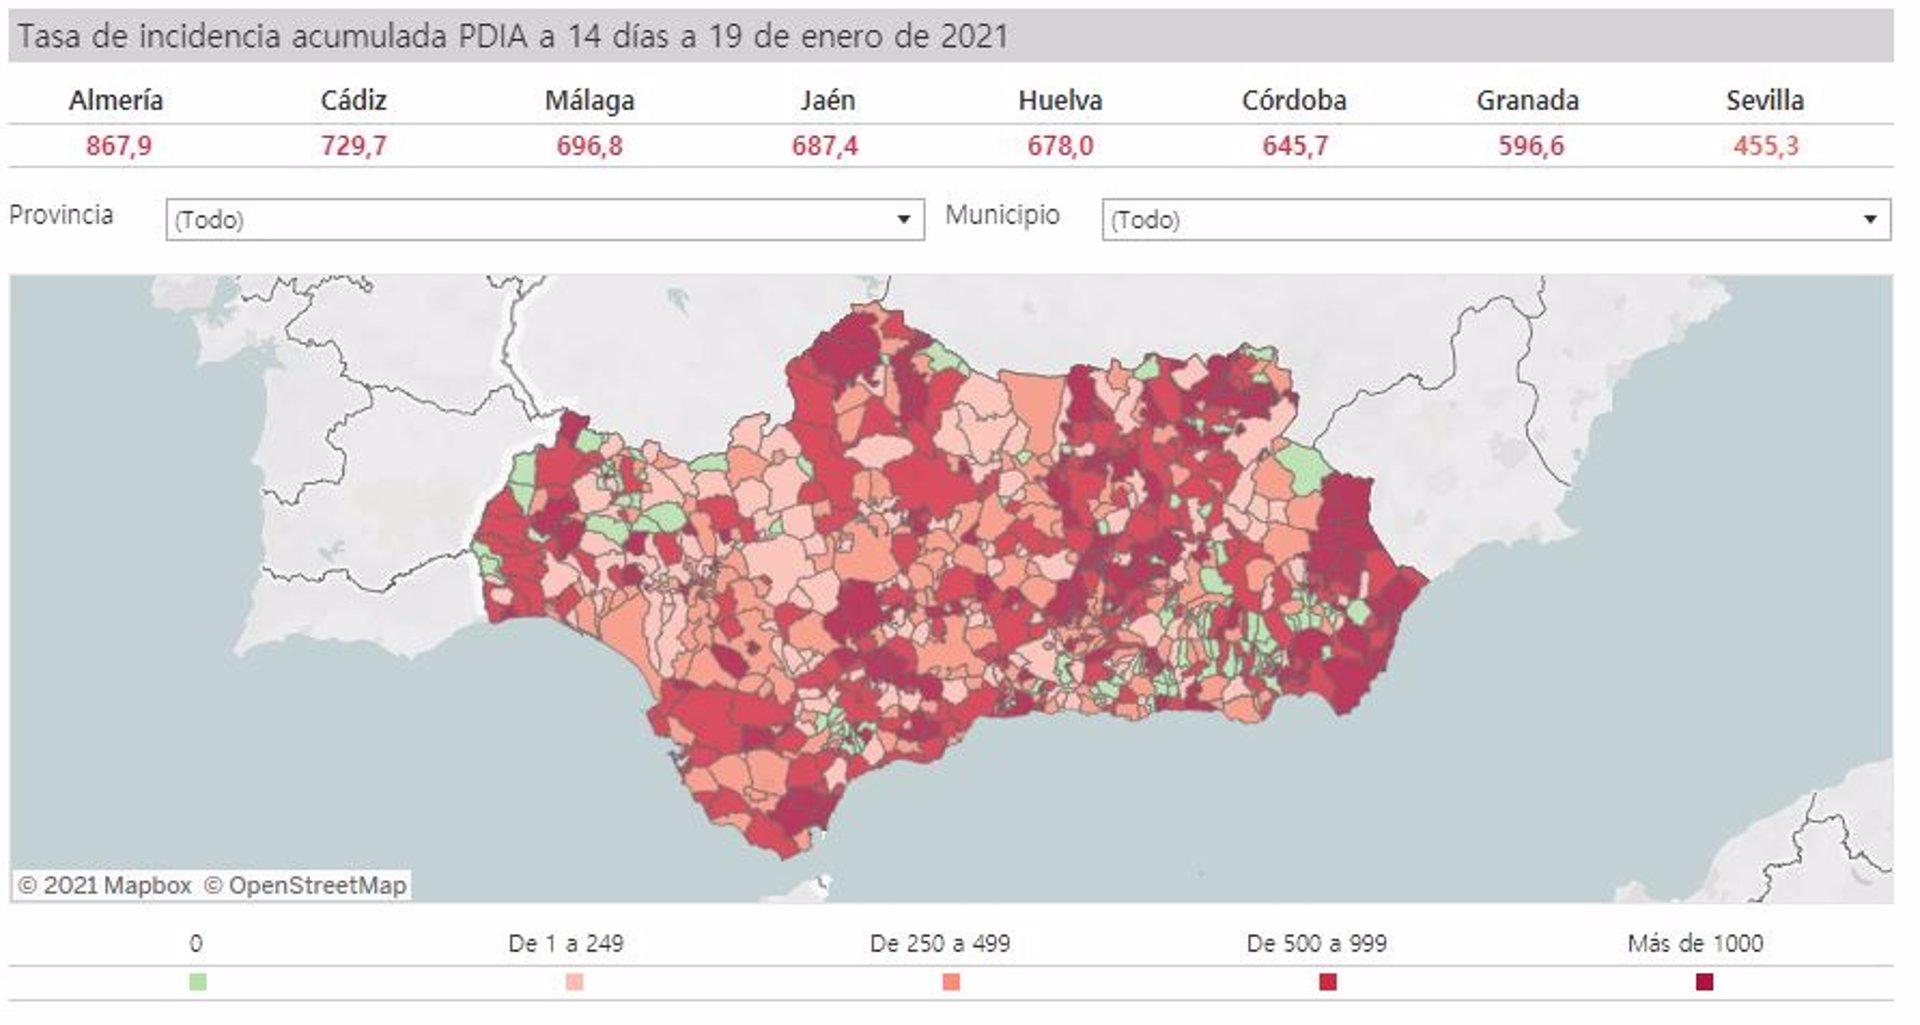 Todas las ciudades de más de 100.000 habitantes salvo Sevilla y Algeciras superan la tasa de 500 casos Covid